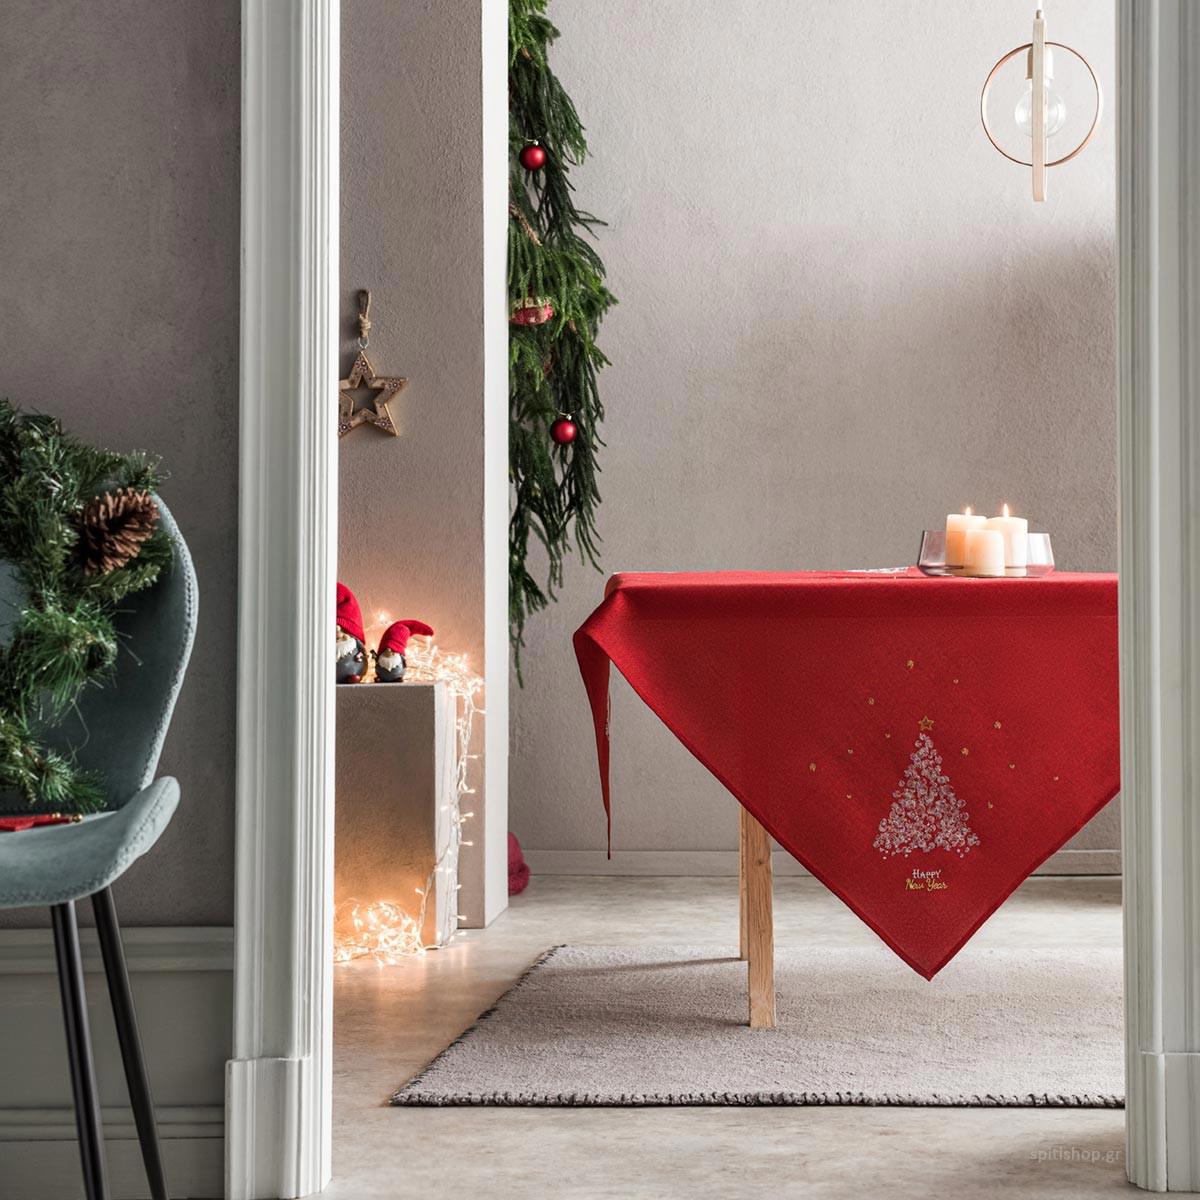 Χριστουγεννιάτικο Τραπεζομάντηλο (135×135) Gofis Home 977/02